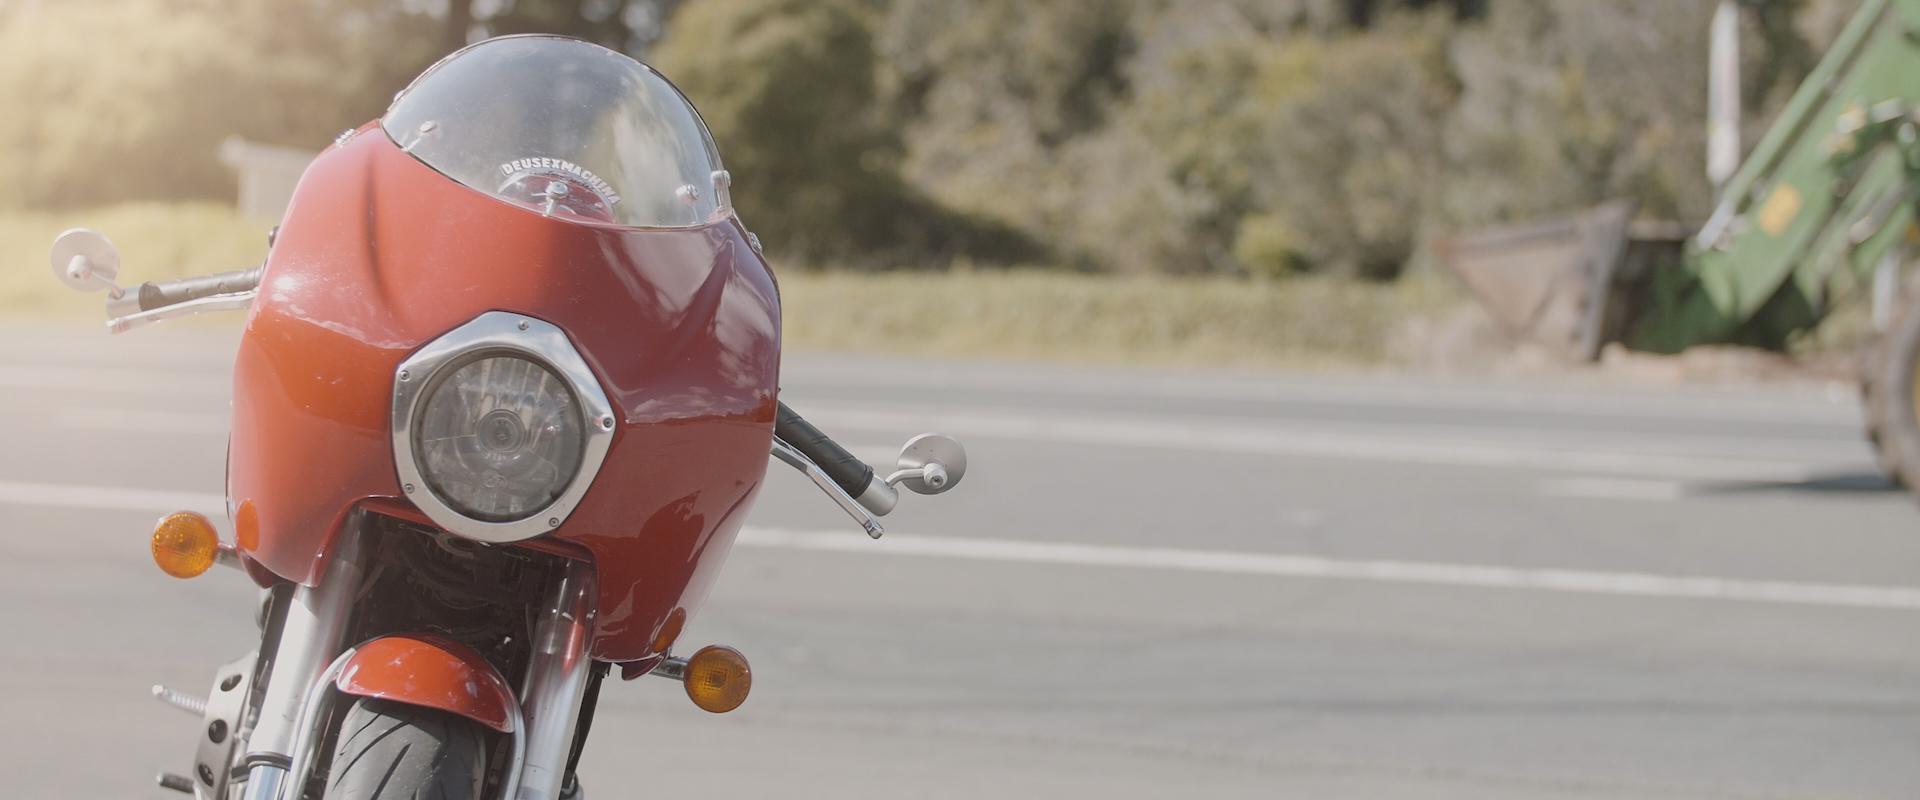 RWR_DucatiM900e